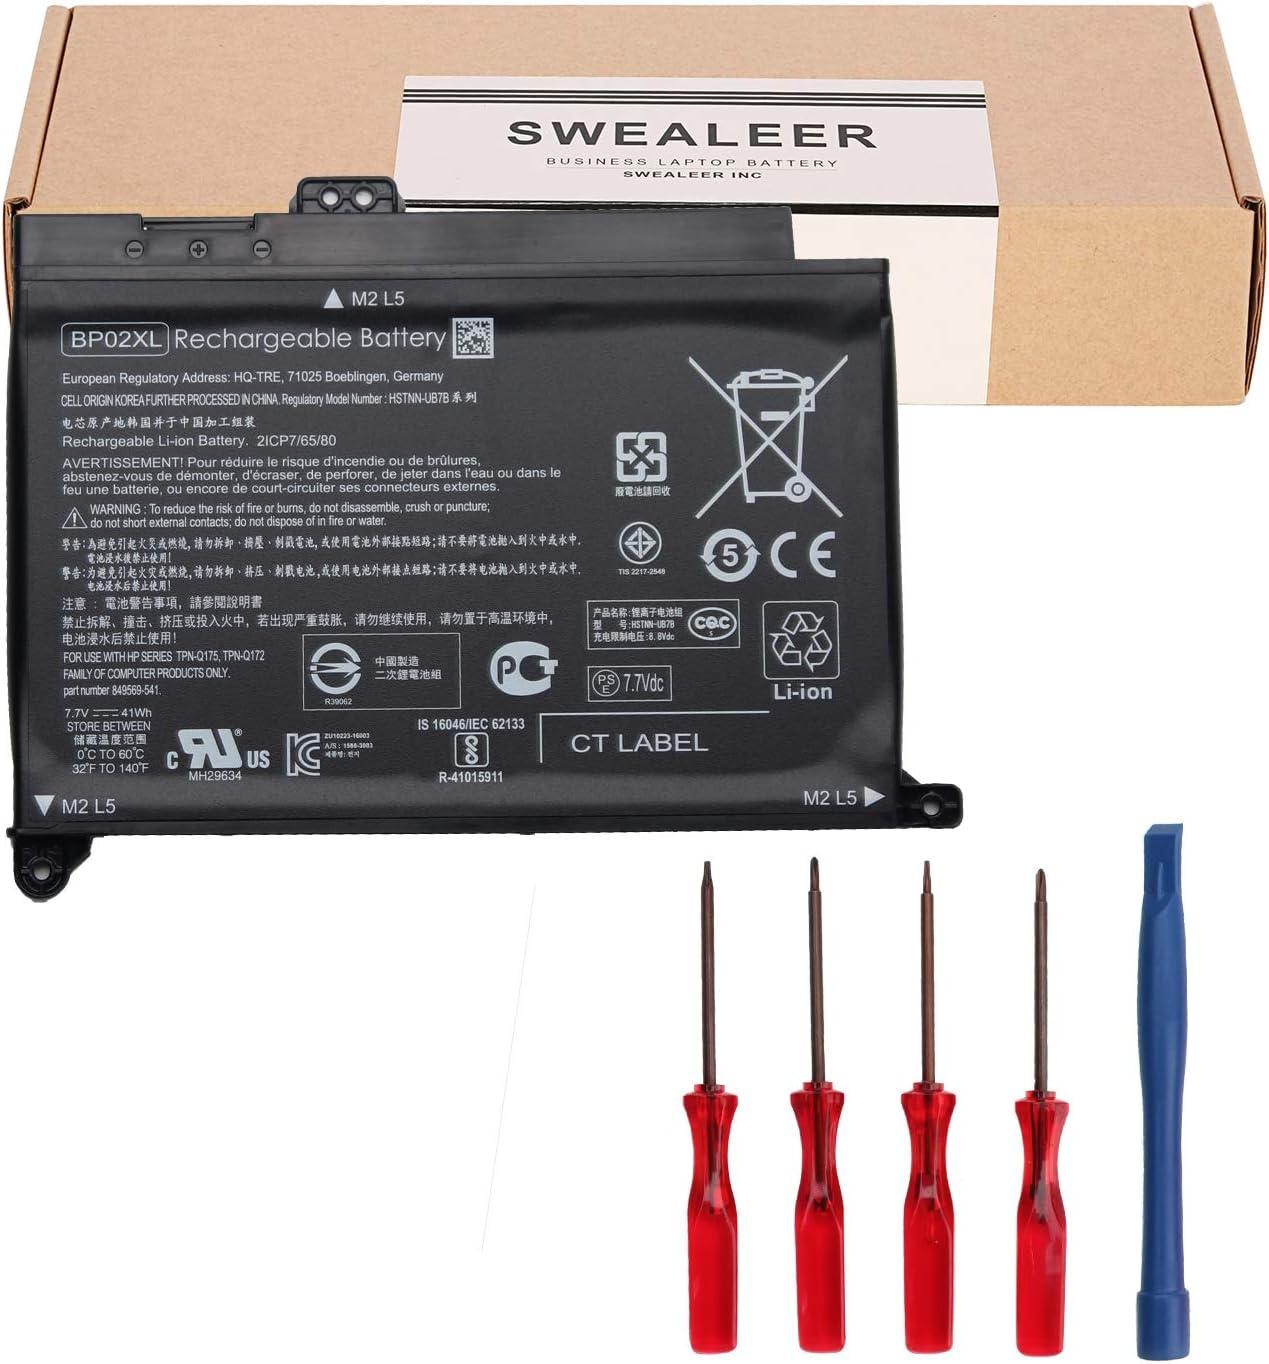 SWEALEER Compatible BP02XL Battery if Applicable HP Pavilion Notebook PC 15 15-AU010WM 15-AU018WM Replacement for BP02041XL HSTNN-LB7H HSTNN-UB7B 849569-541 849909-850 TPN-Q172 Q175 [41Wh 7.7V BP02XL]